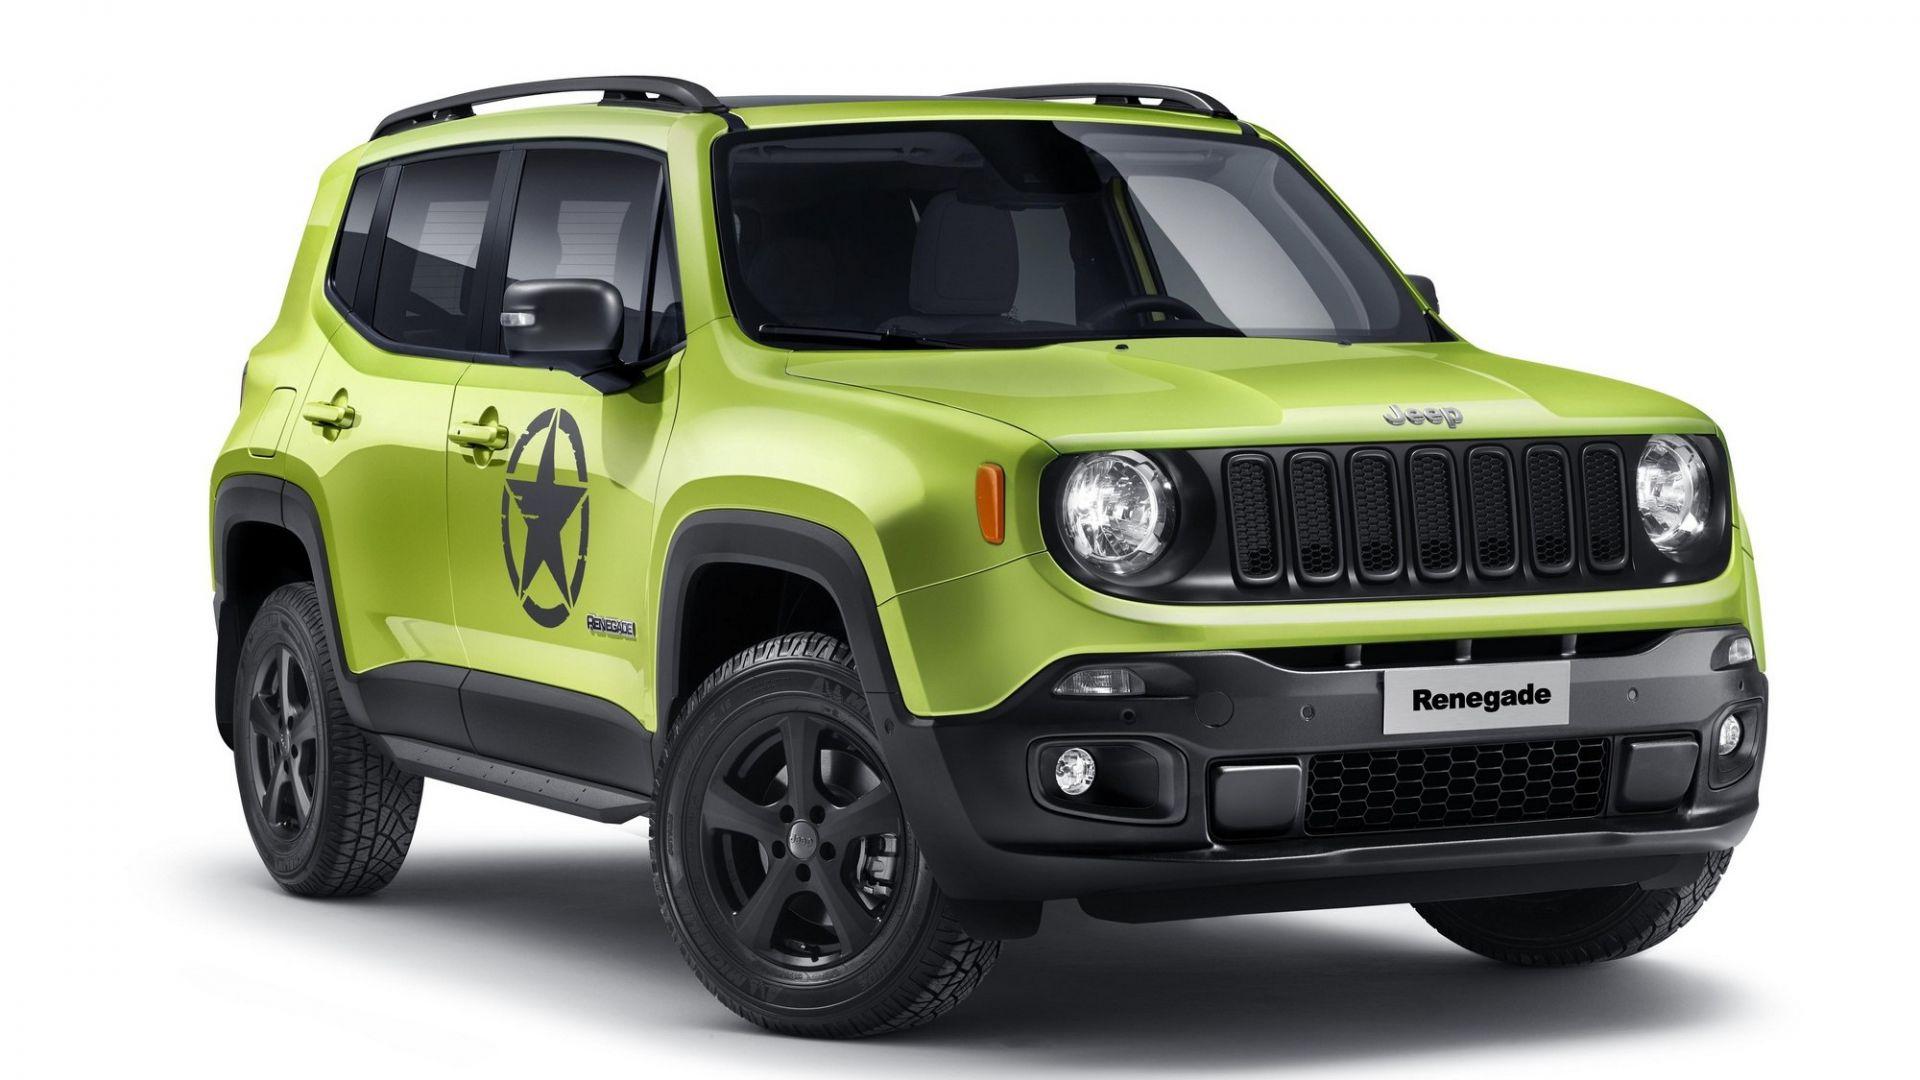 jeep renegade by mopar pi corazzata al salone di ginevra 2018 motorbox. Black Bedroom Furniture Sets. Home Design Ideas